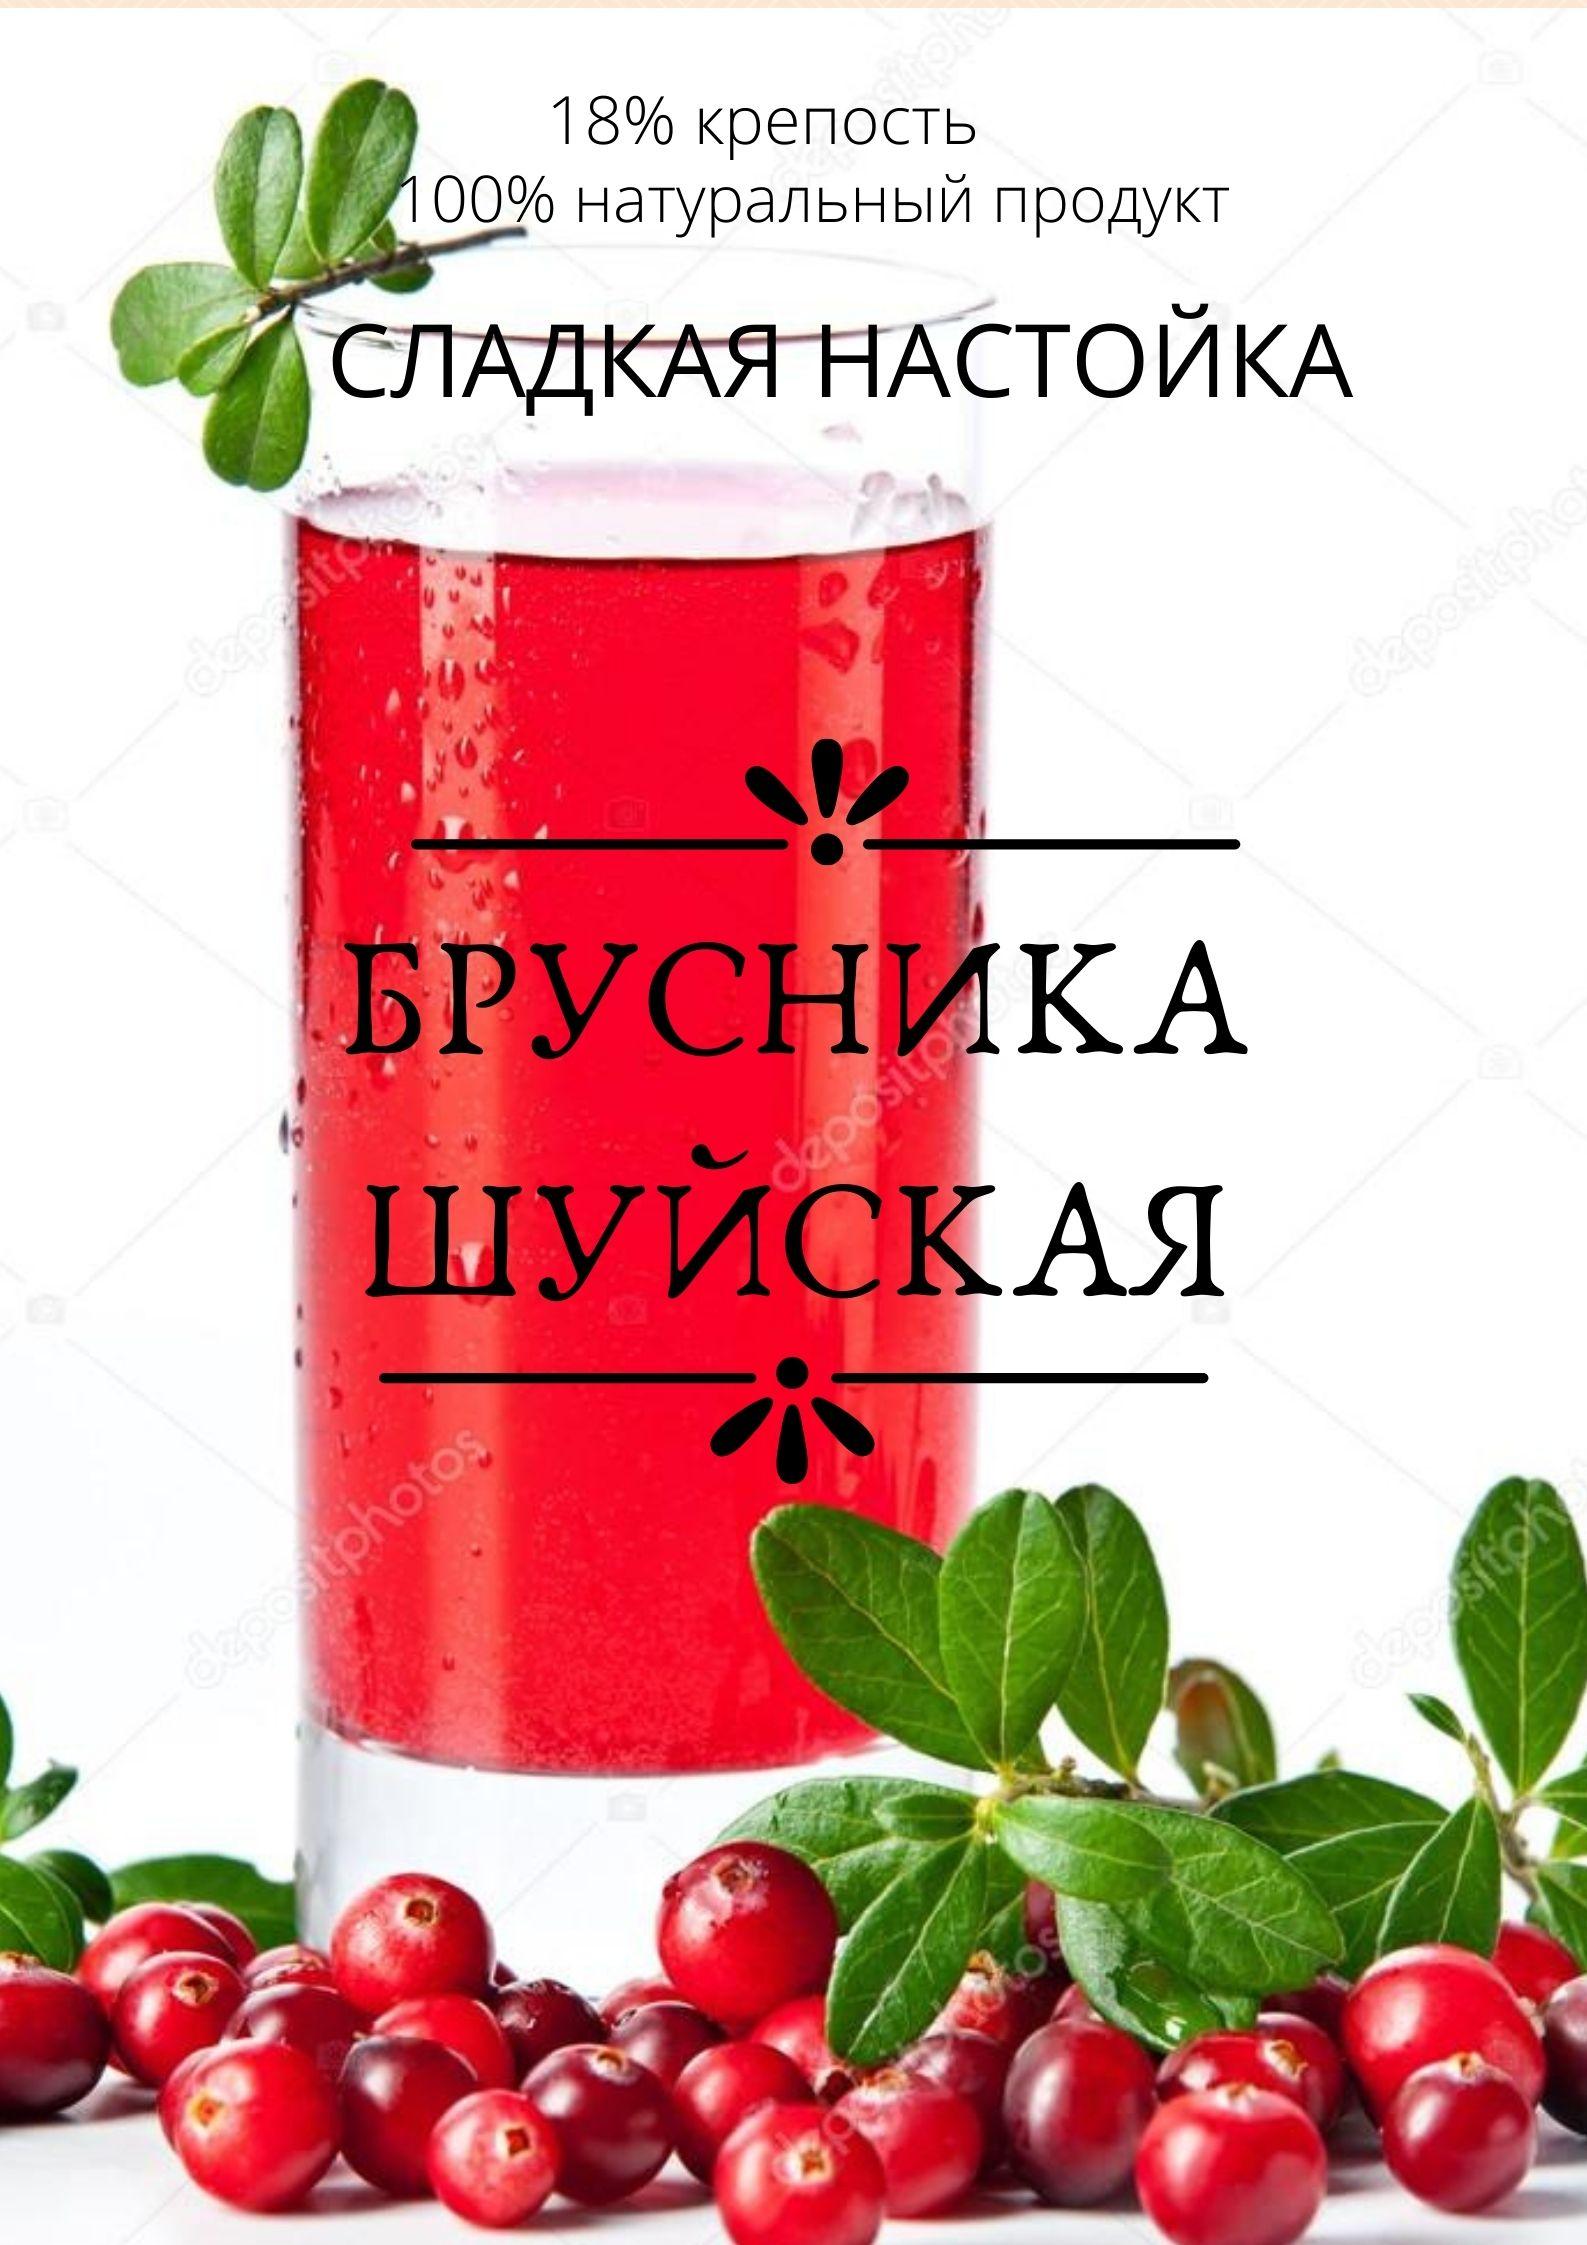 Дизайн этикетки алкогольного продукта (сладкая настойка) фото f_0775f8accce0d817.jpg